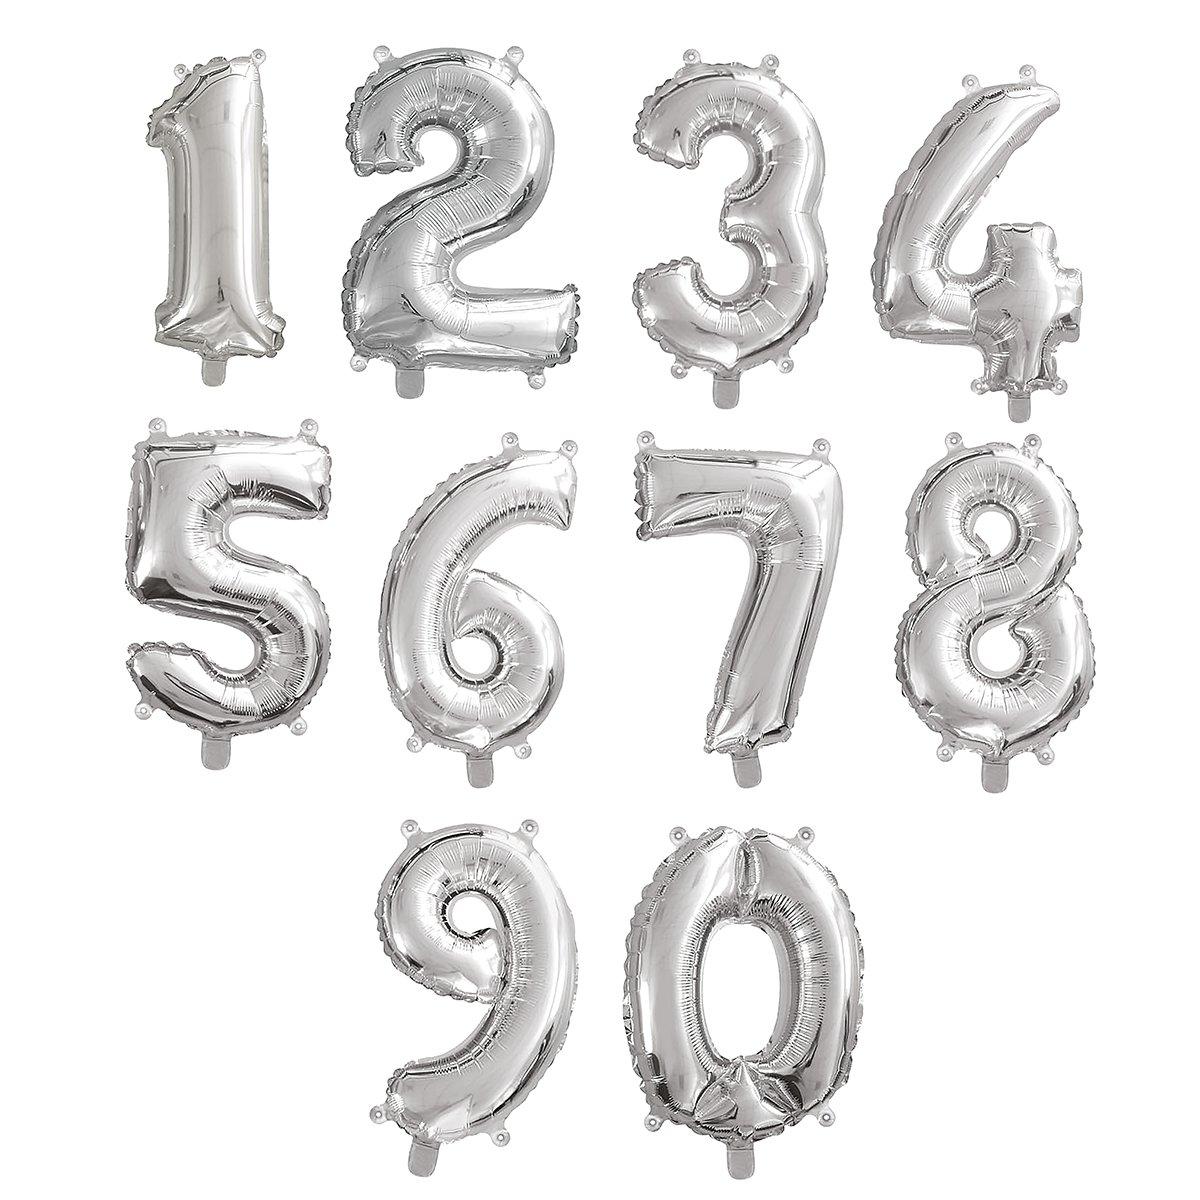 Runder Geburtstag Folienballon mit Zahl Folien Luftballon 43cm Geburtstagsdeko